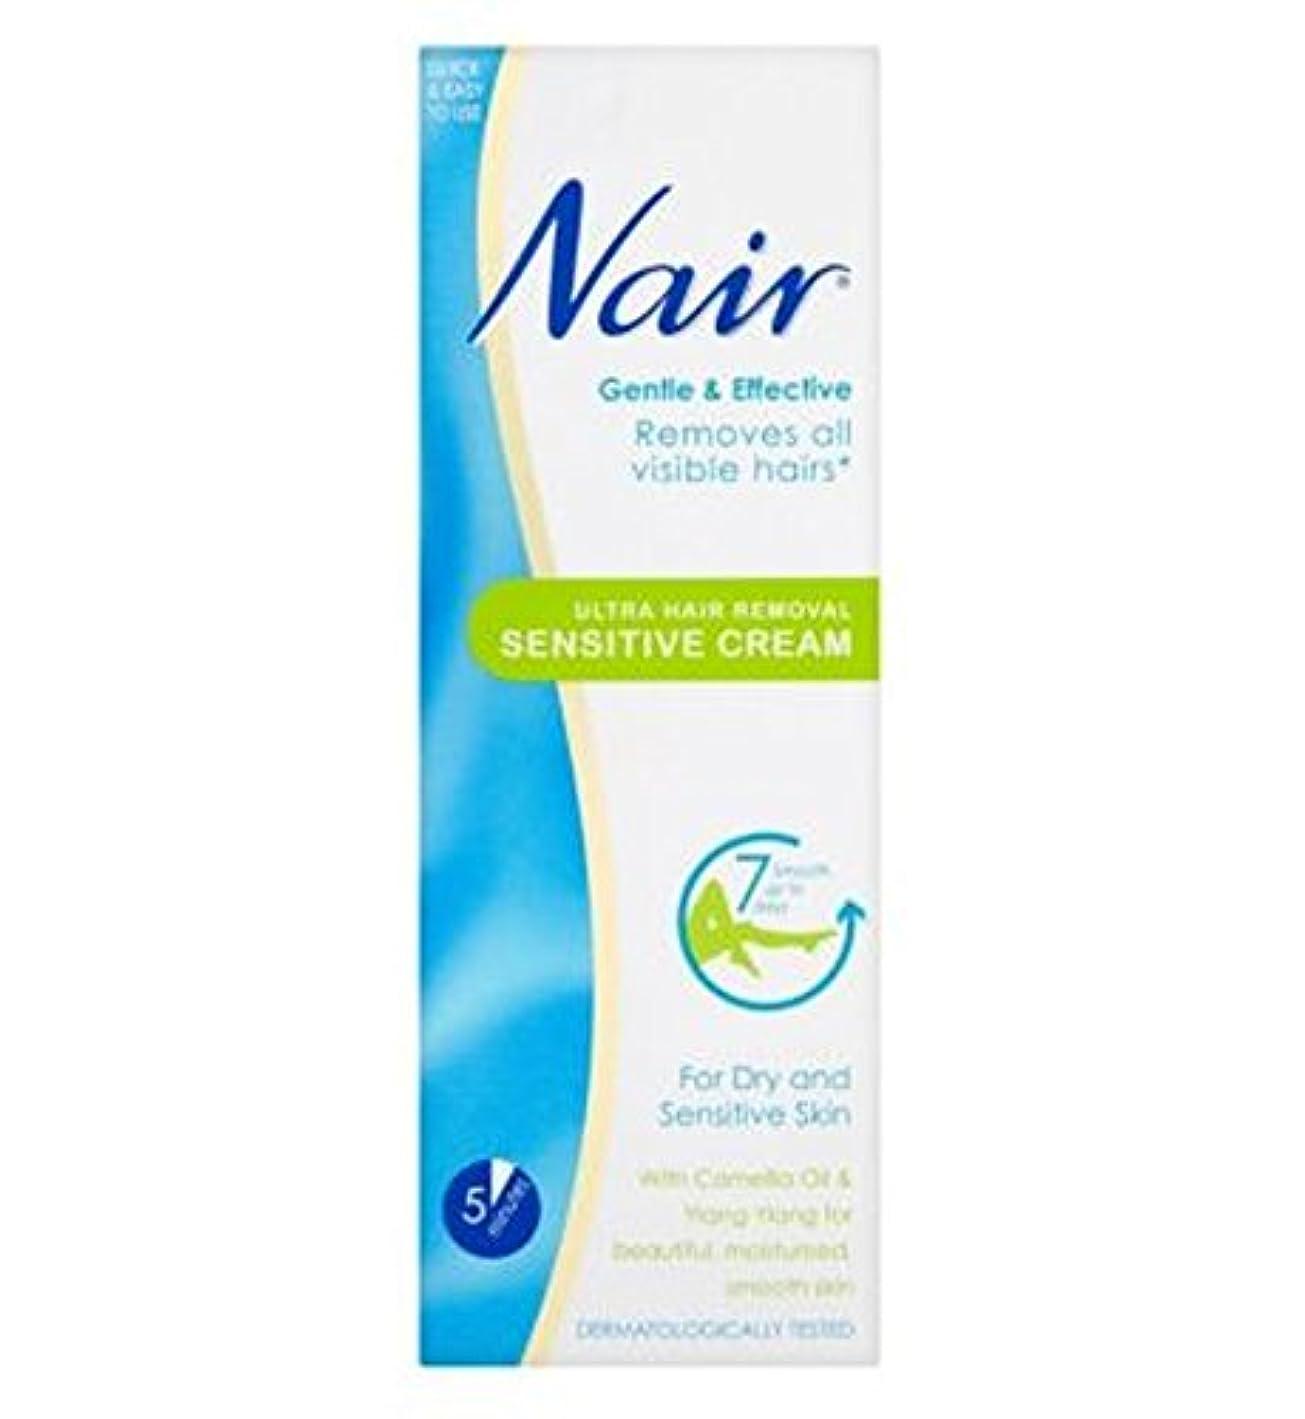 代理店同化するフォアマンNair Sensitive Hair Removal Cream 200ml - Nairさん敏感な脱毛クリーム200ミリリットル (Nair) [並行輸入品]